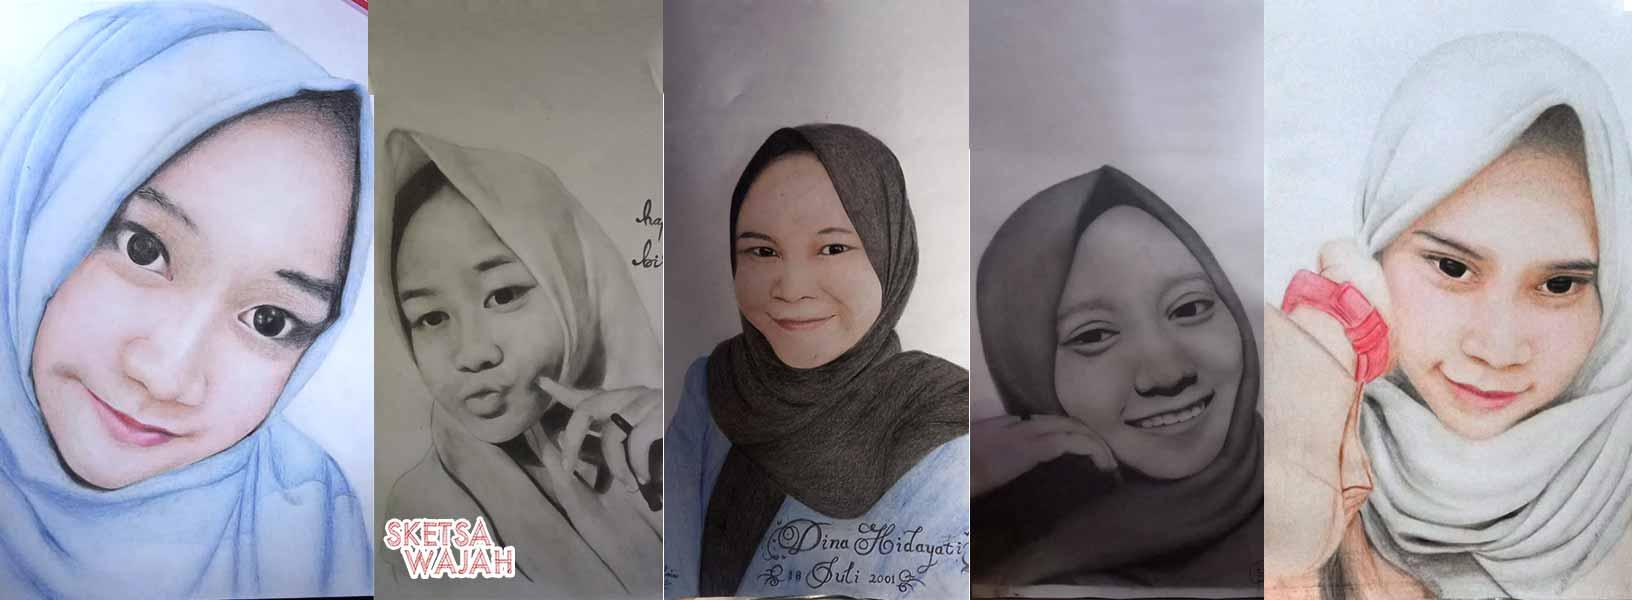 Karya Asy Art 6 sketcher Sketsa Wajah